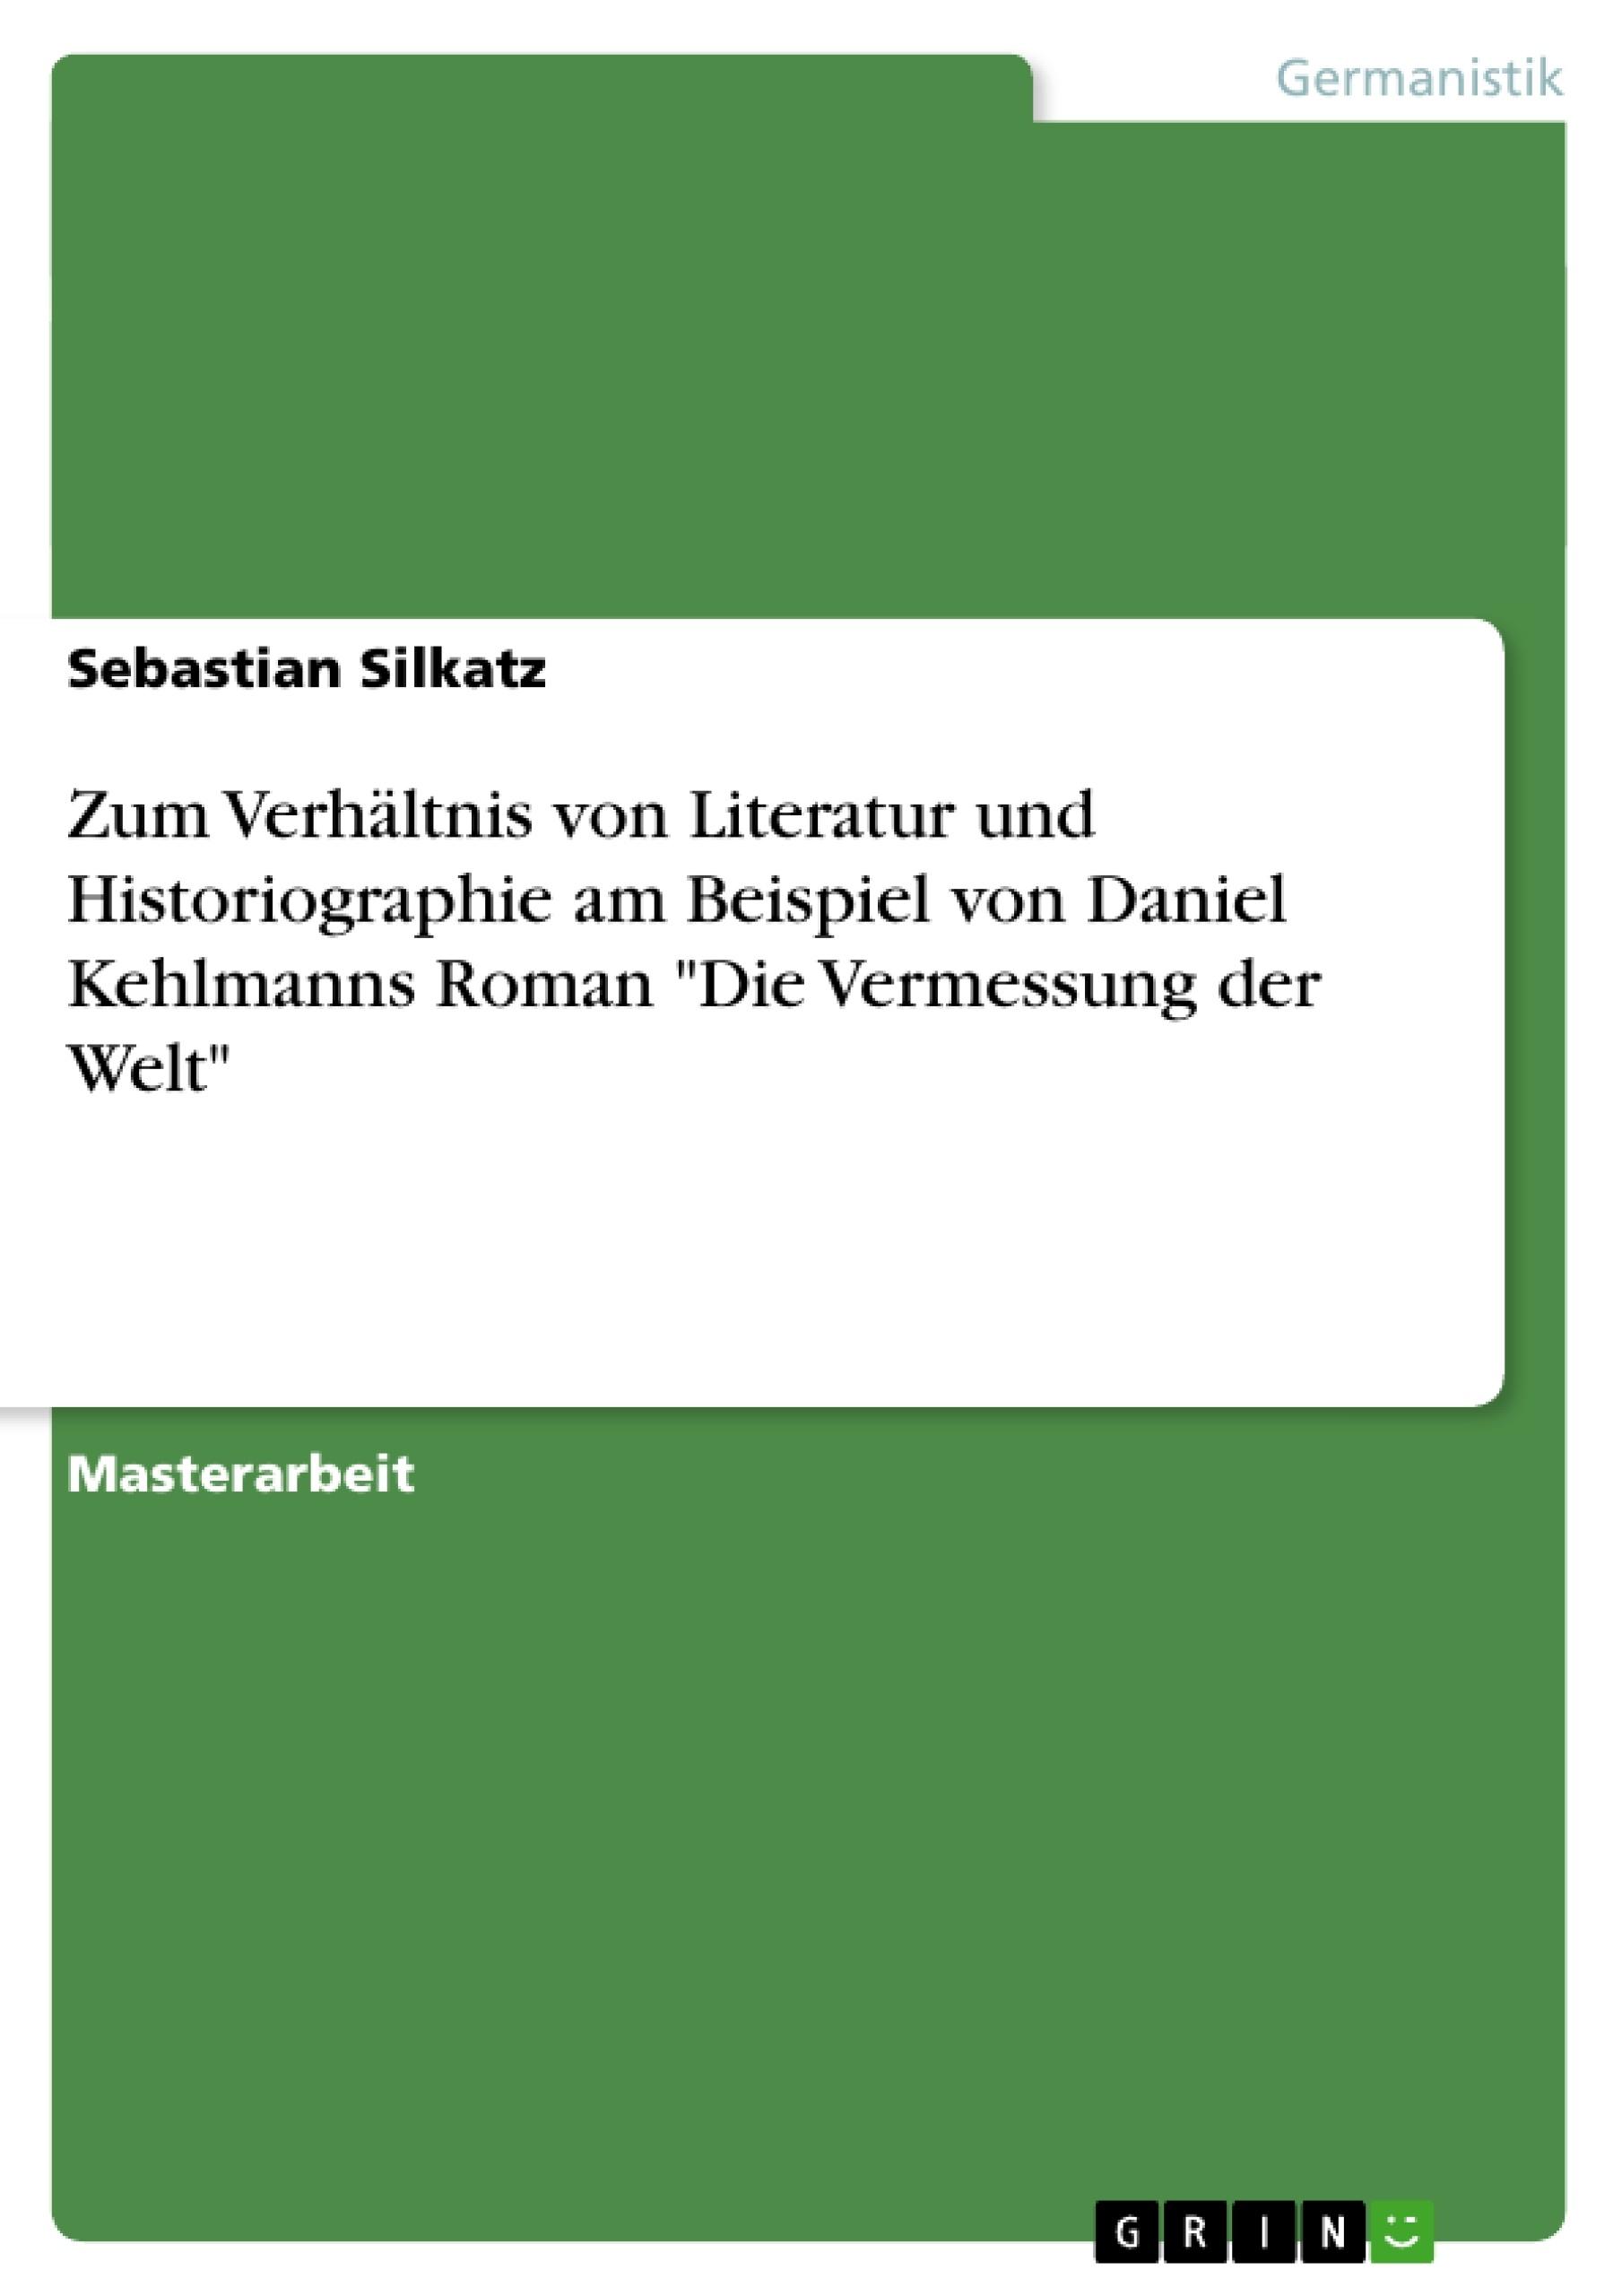 """Titel: Zum Verhältnis von Literatur und Historiographie  am Beispiel von Daniel Kehlmanns Roman """"Die Vermessung der Welt"""""""